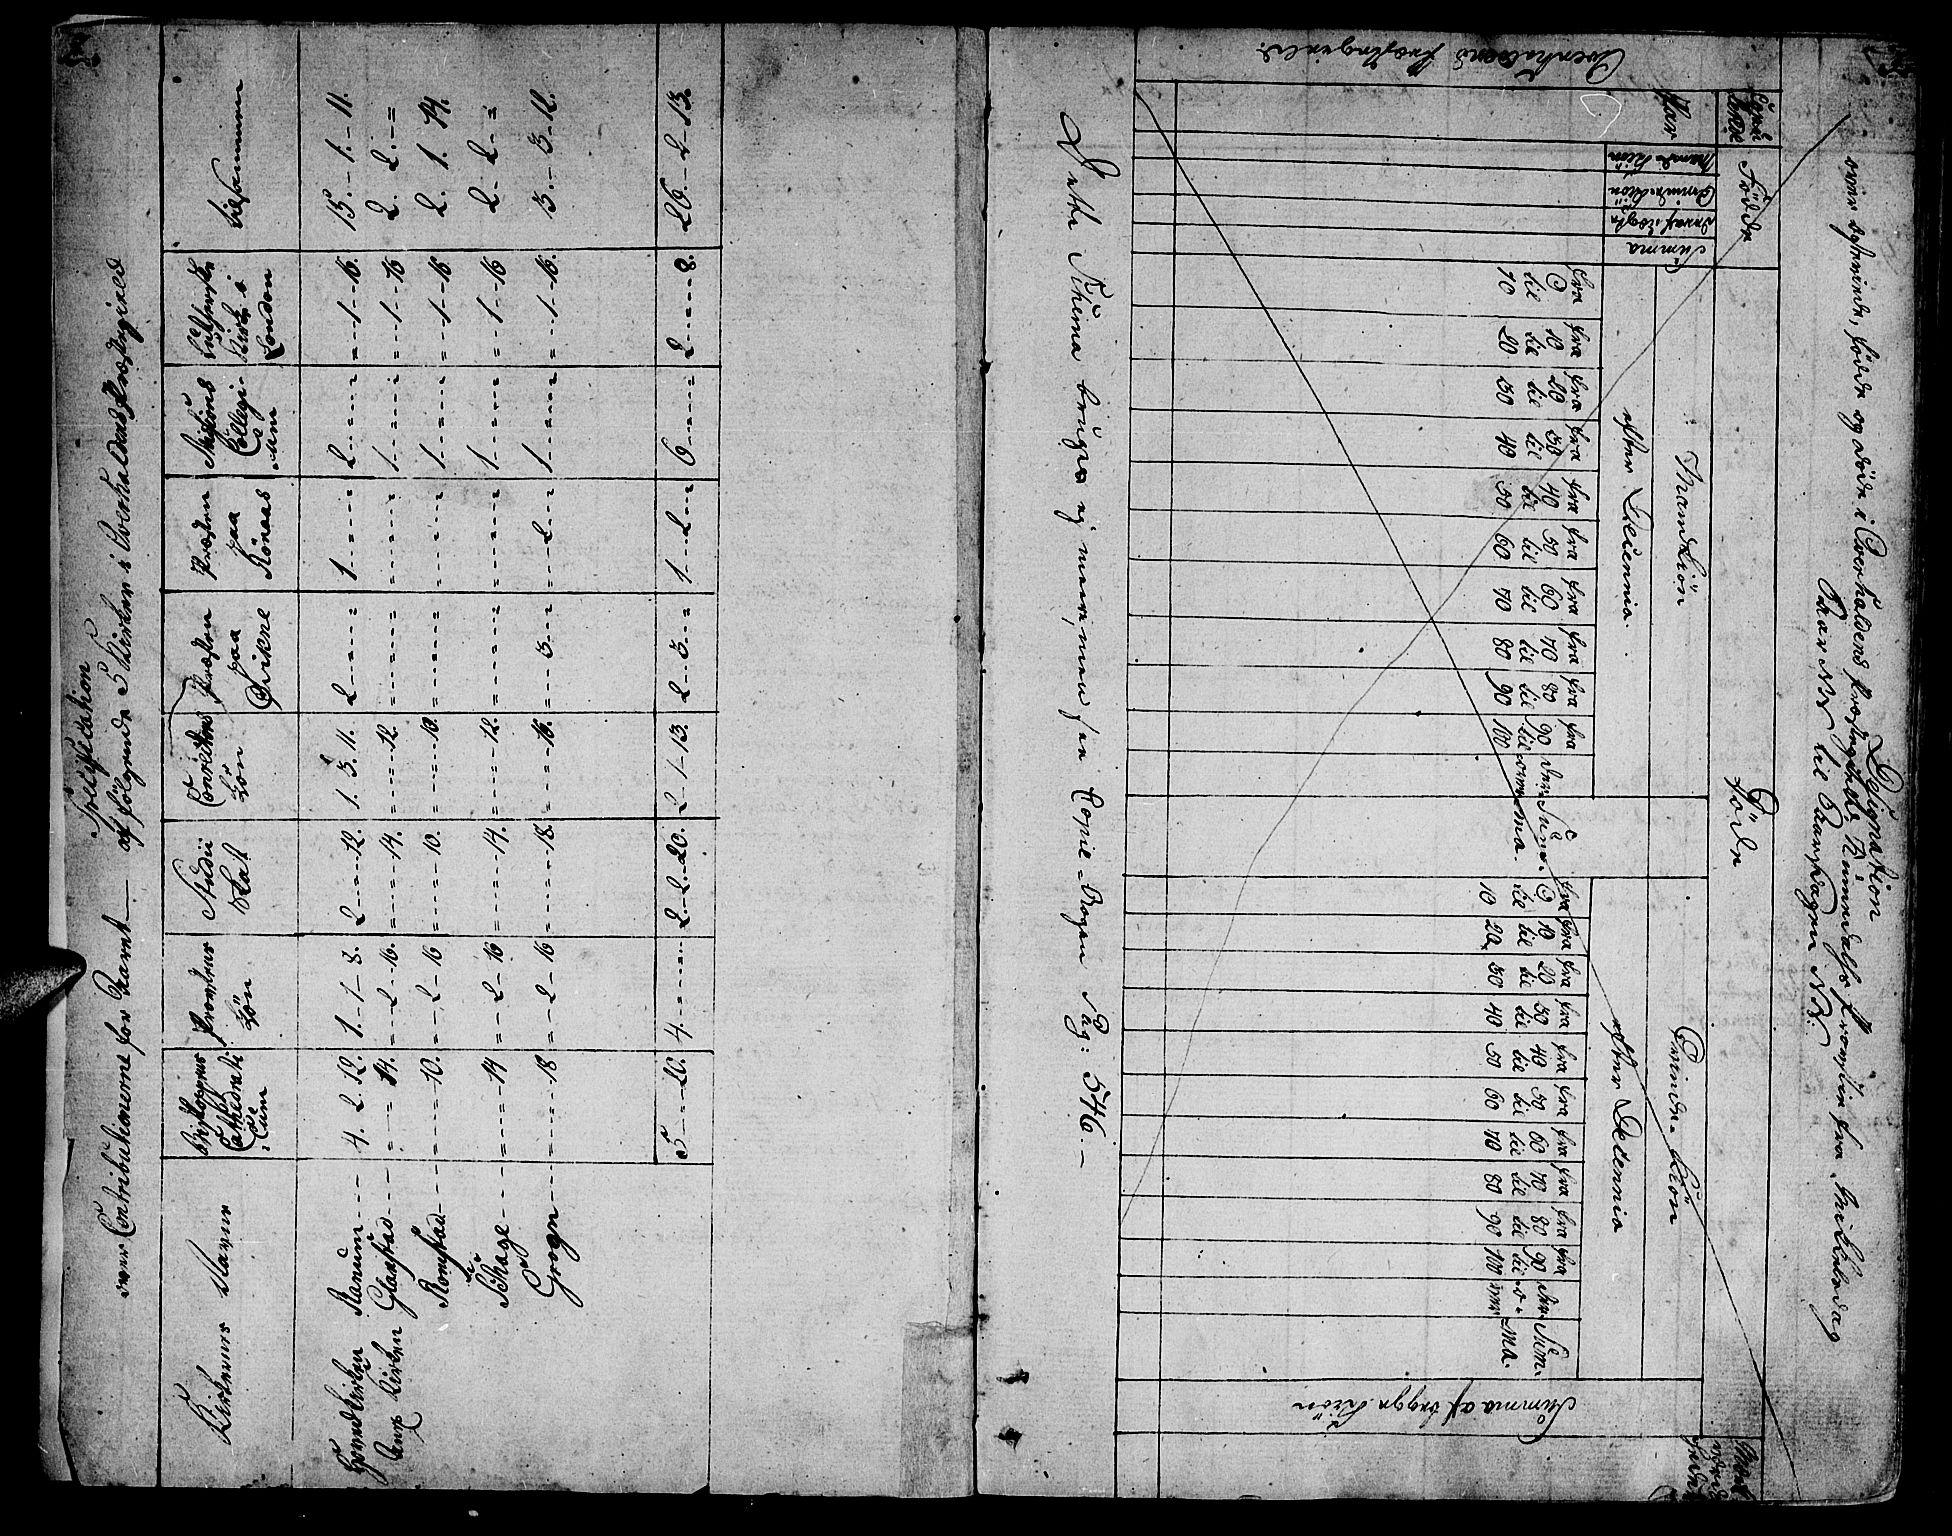 SAT, Ministerialprotokoller, klokkerbøker og fødselsregistre - Nord-Trøndelag, 764/L0545: Ministerialbok nr. 764A05, 1799-1816, s. 2-3